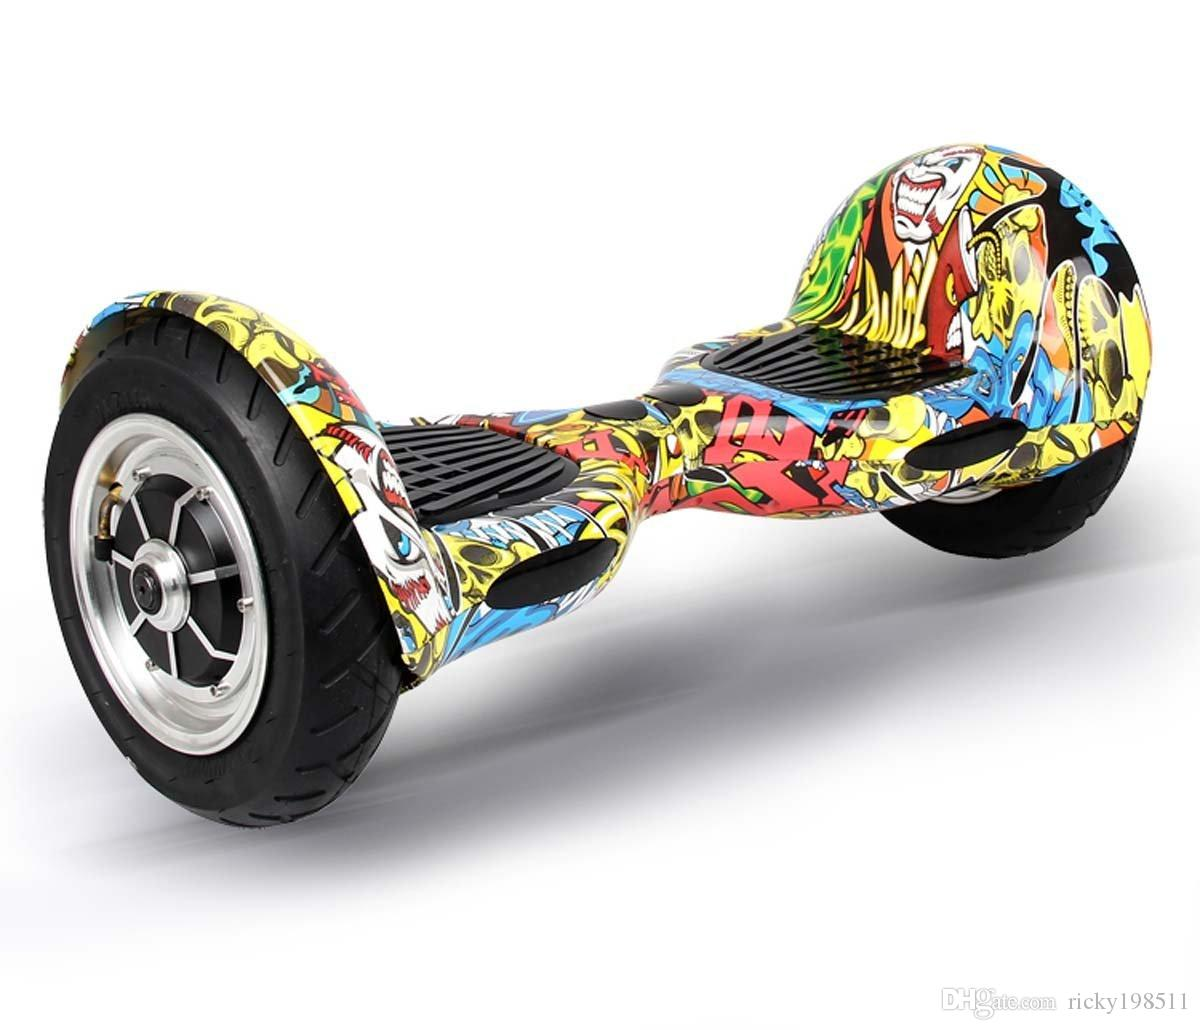 10 дюймов большой шин мини смарт самостоятельно баланс скутер два колеса умный самобалансировку электрического дрейфа совет мопедов